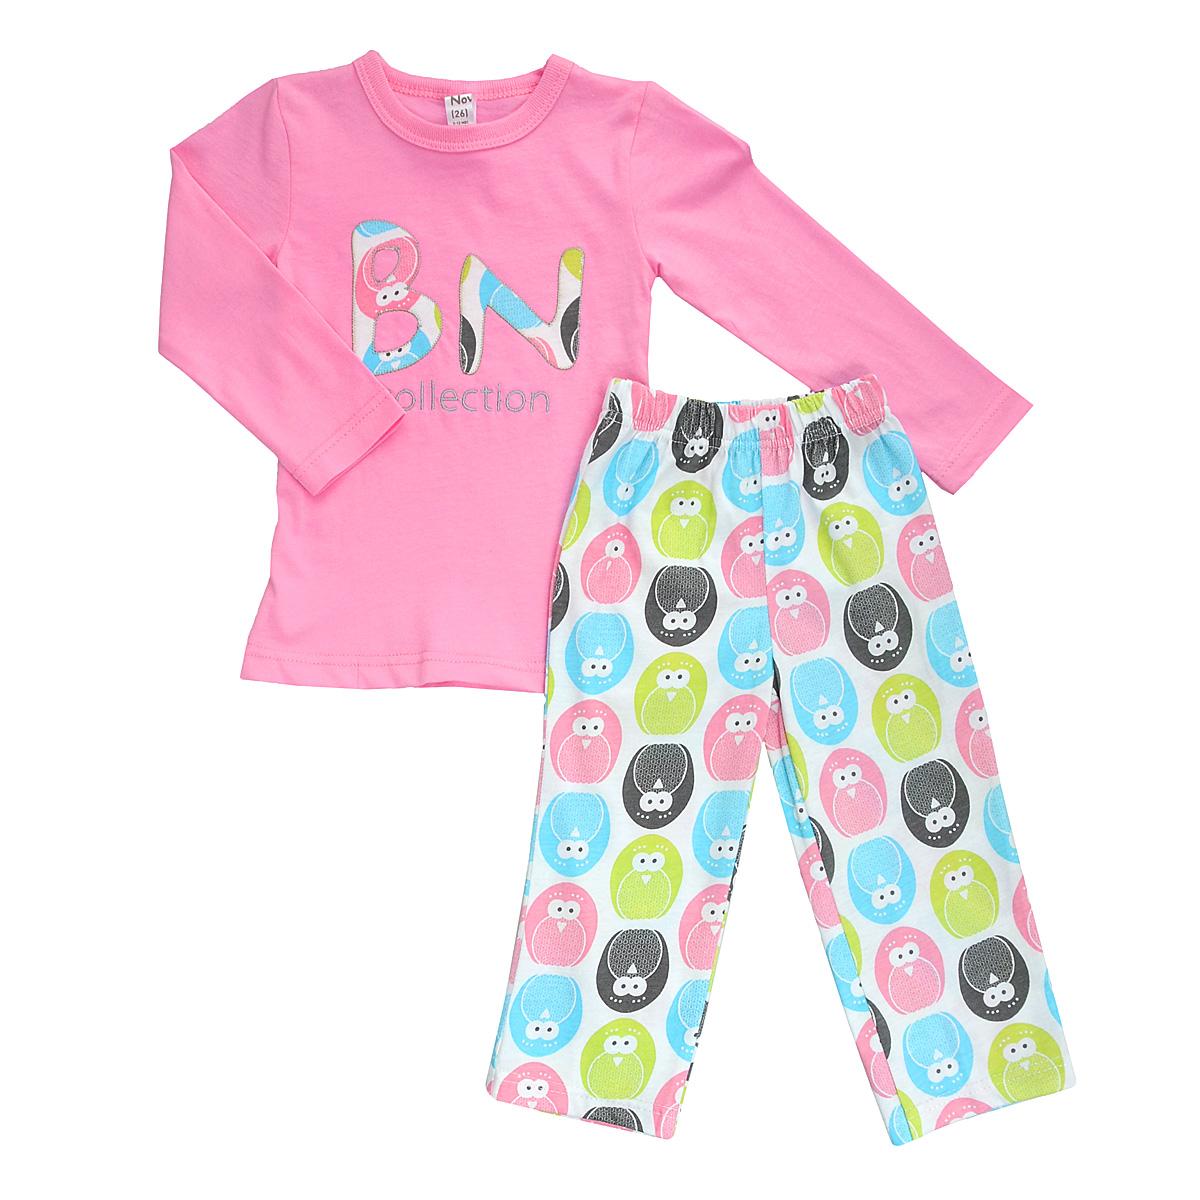 Фото - Пижама для девочки Bossa Nova, цвет: белый, розовый, с пингвинами. 381Б-161. Размер 74/80, 9-12 месяцев пижамы и ночные сорочки bossa nova пижама джемпер и брюки для девочки супергерои 356б 161